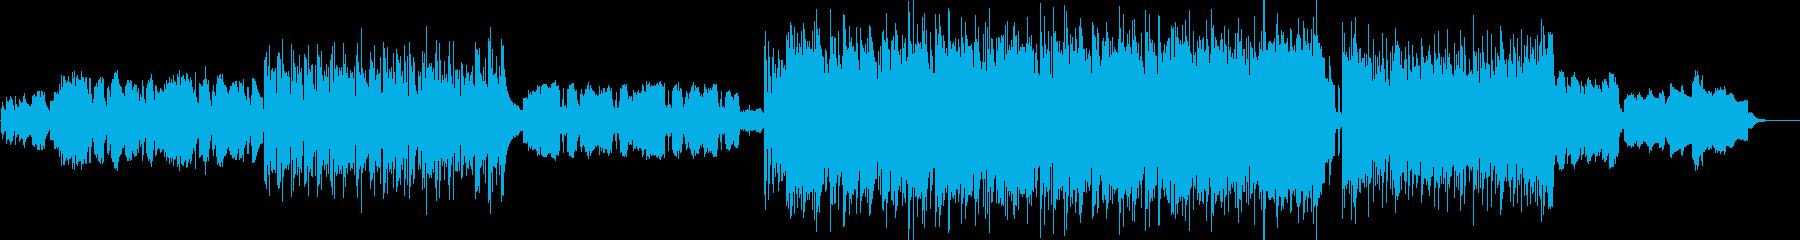 笛の音響くファンタジックで朗らかな民族調の再生済みの波形